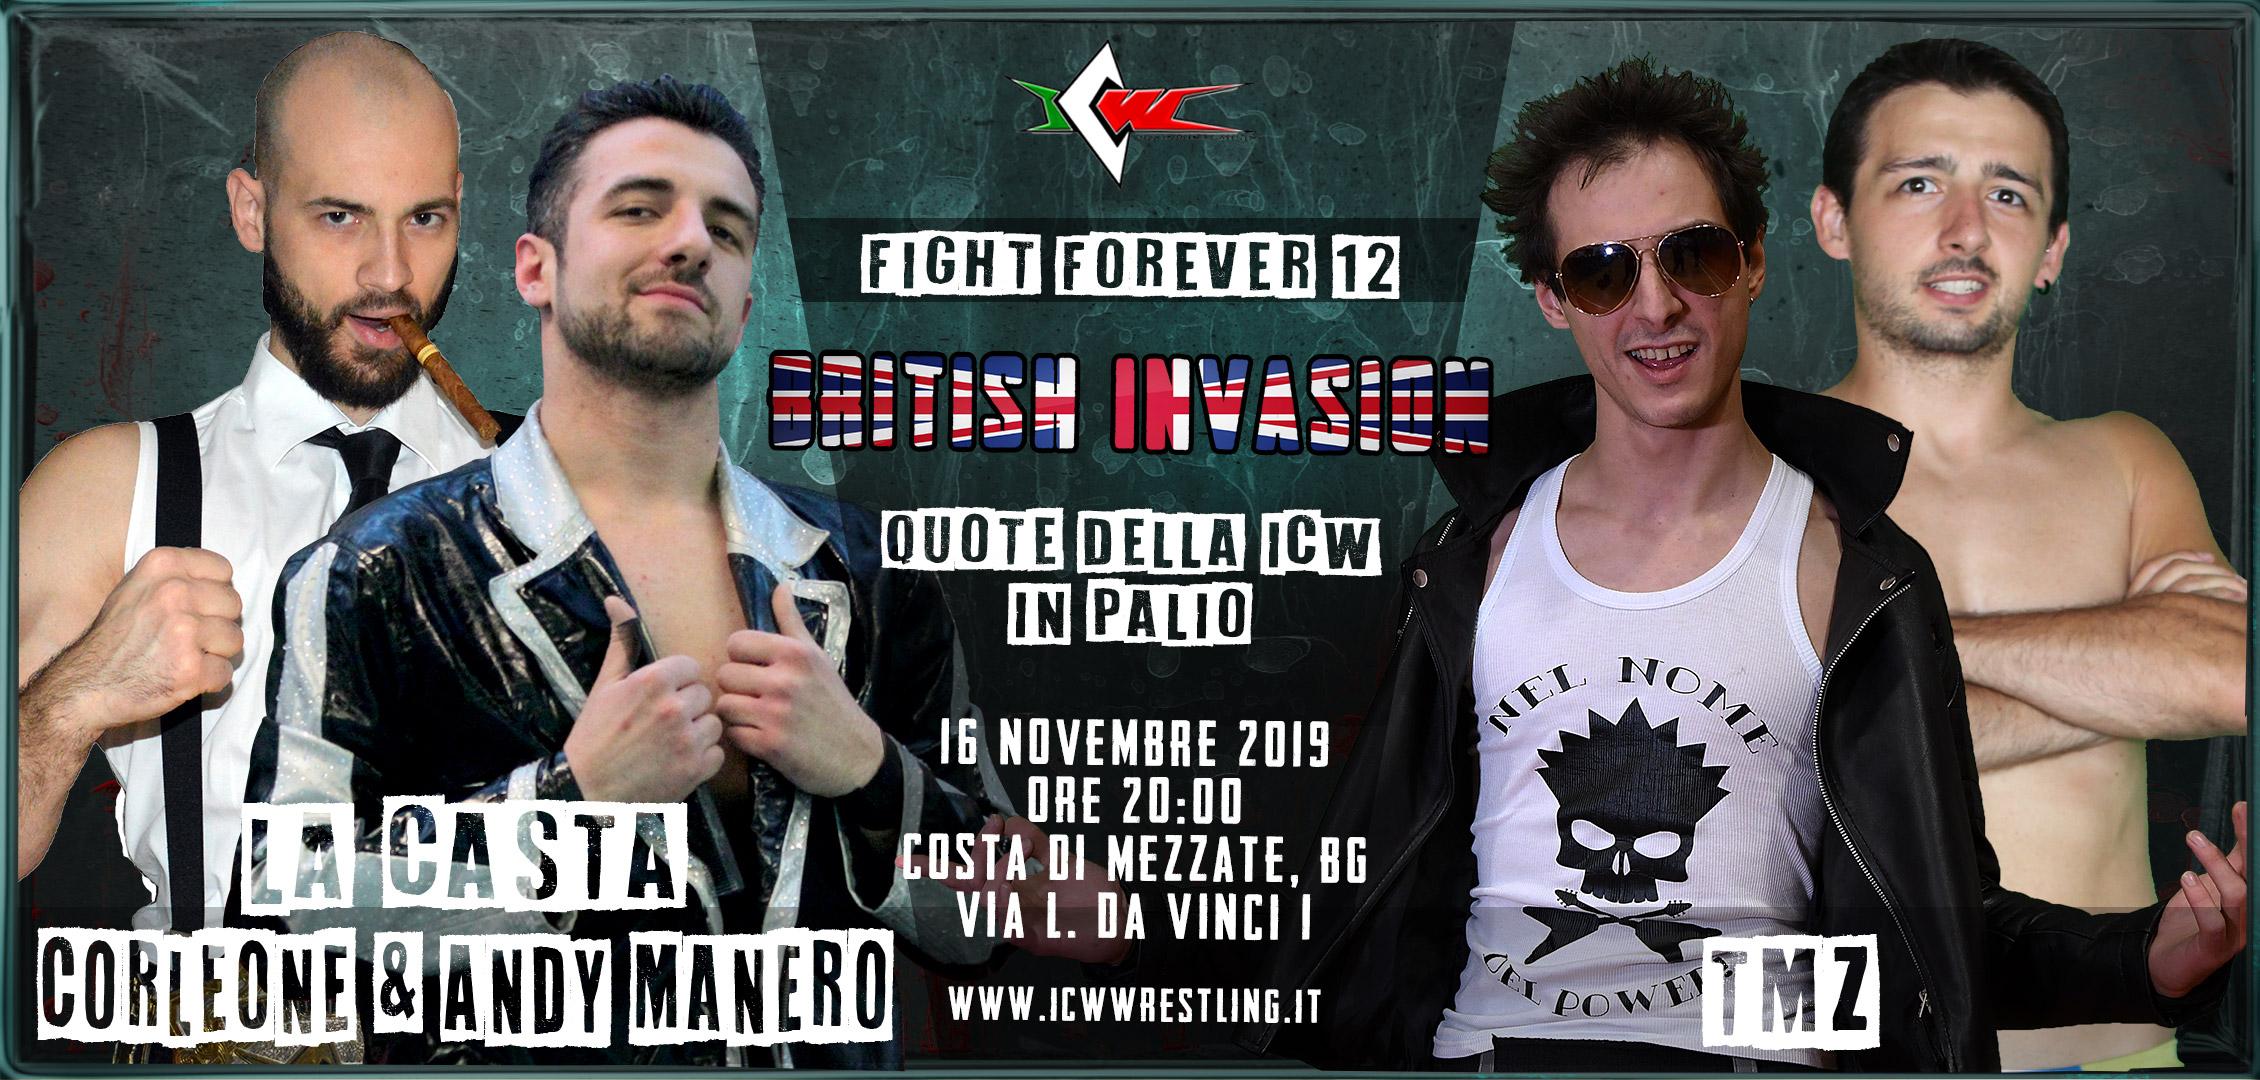 Gran galà internazionale questo sabato a Bergamo, con ICW Fight Forever #12: British Invasion!